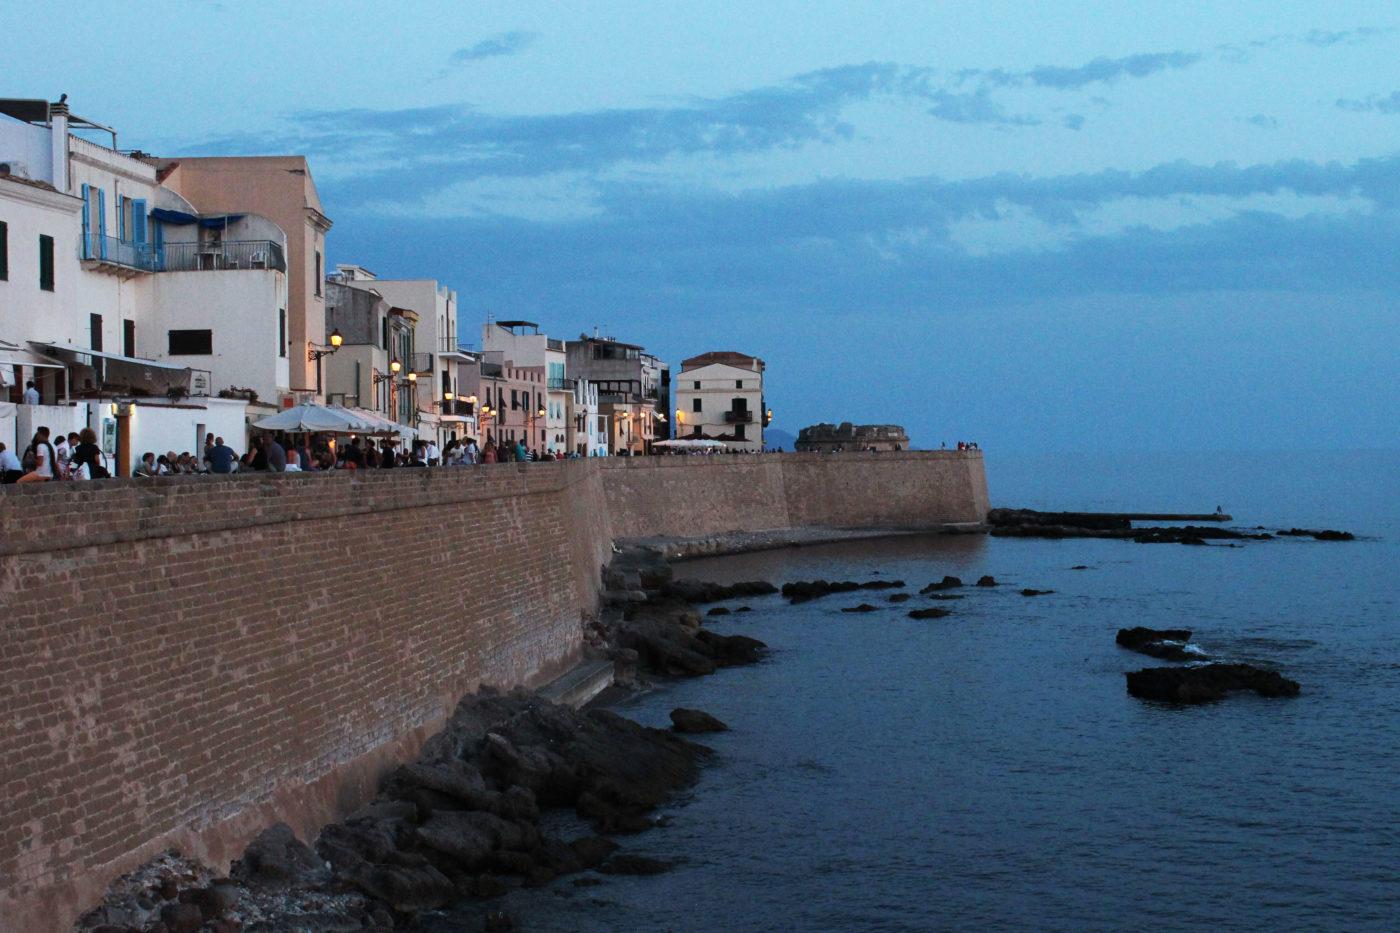 Sardegna Da Alghero ad Oristano